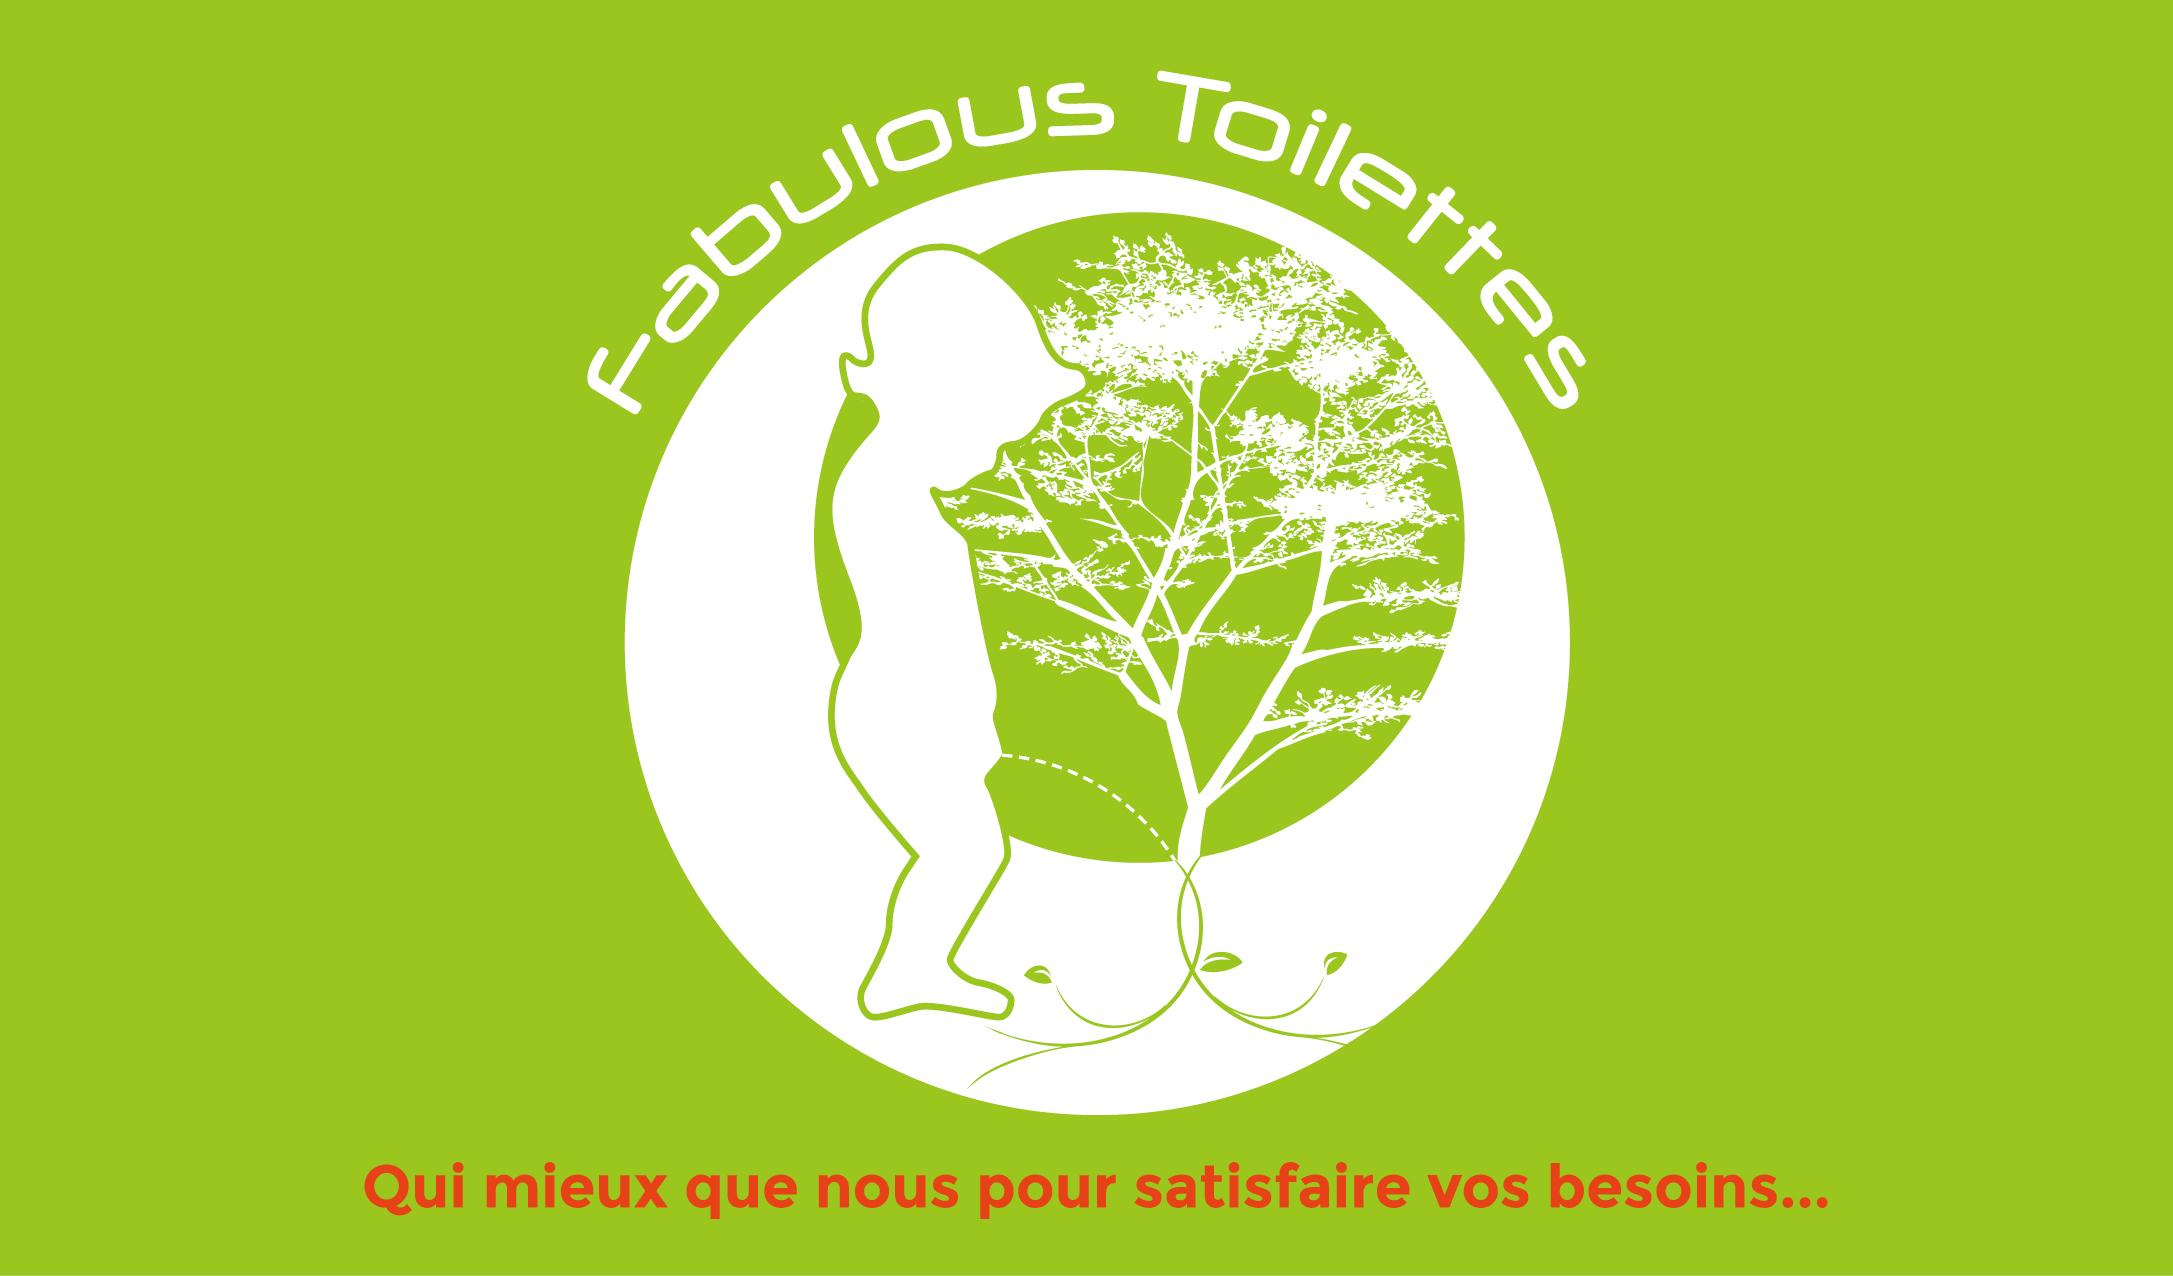 Fabulous Toilettes